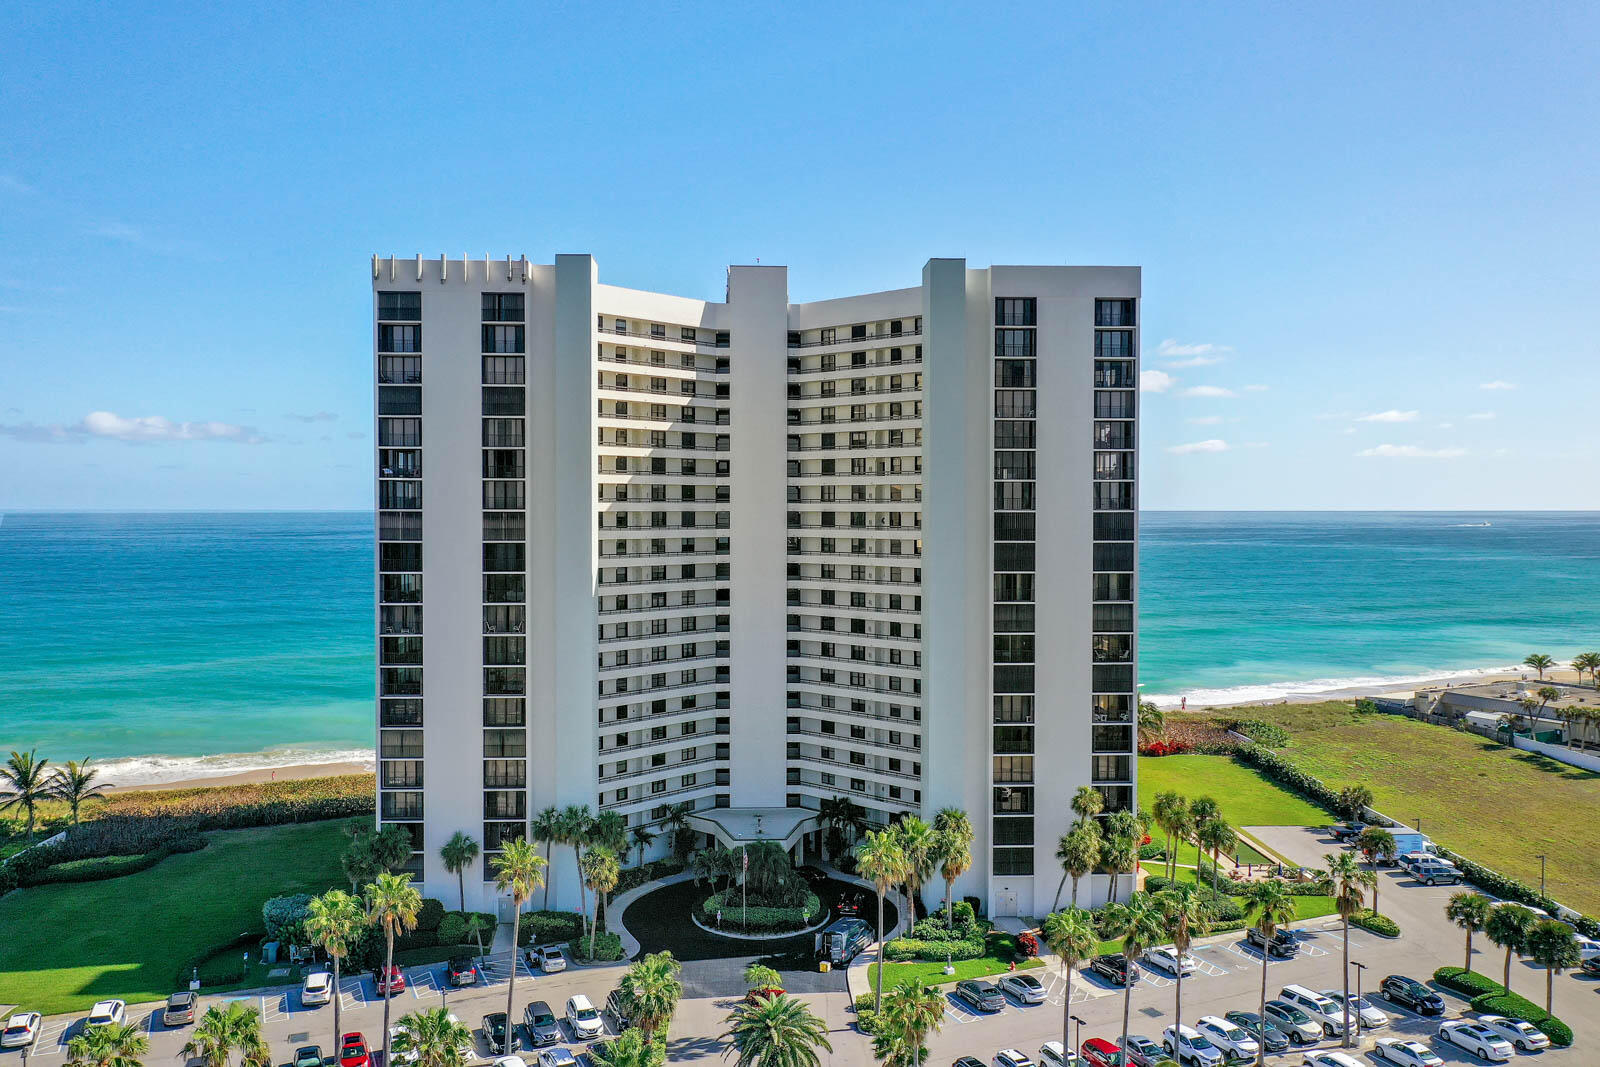 9650 Ocean Jensen Beach 34957